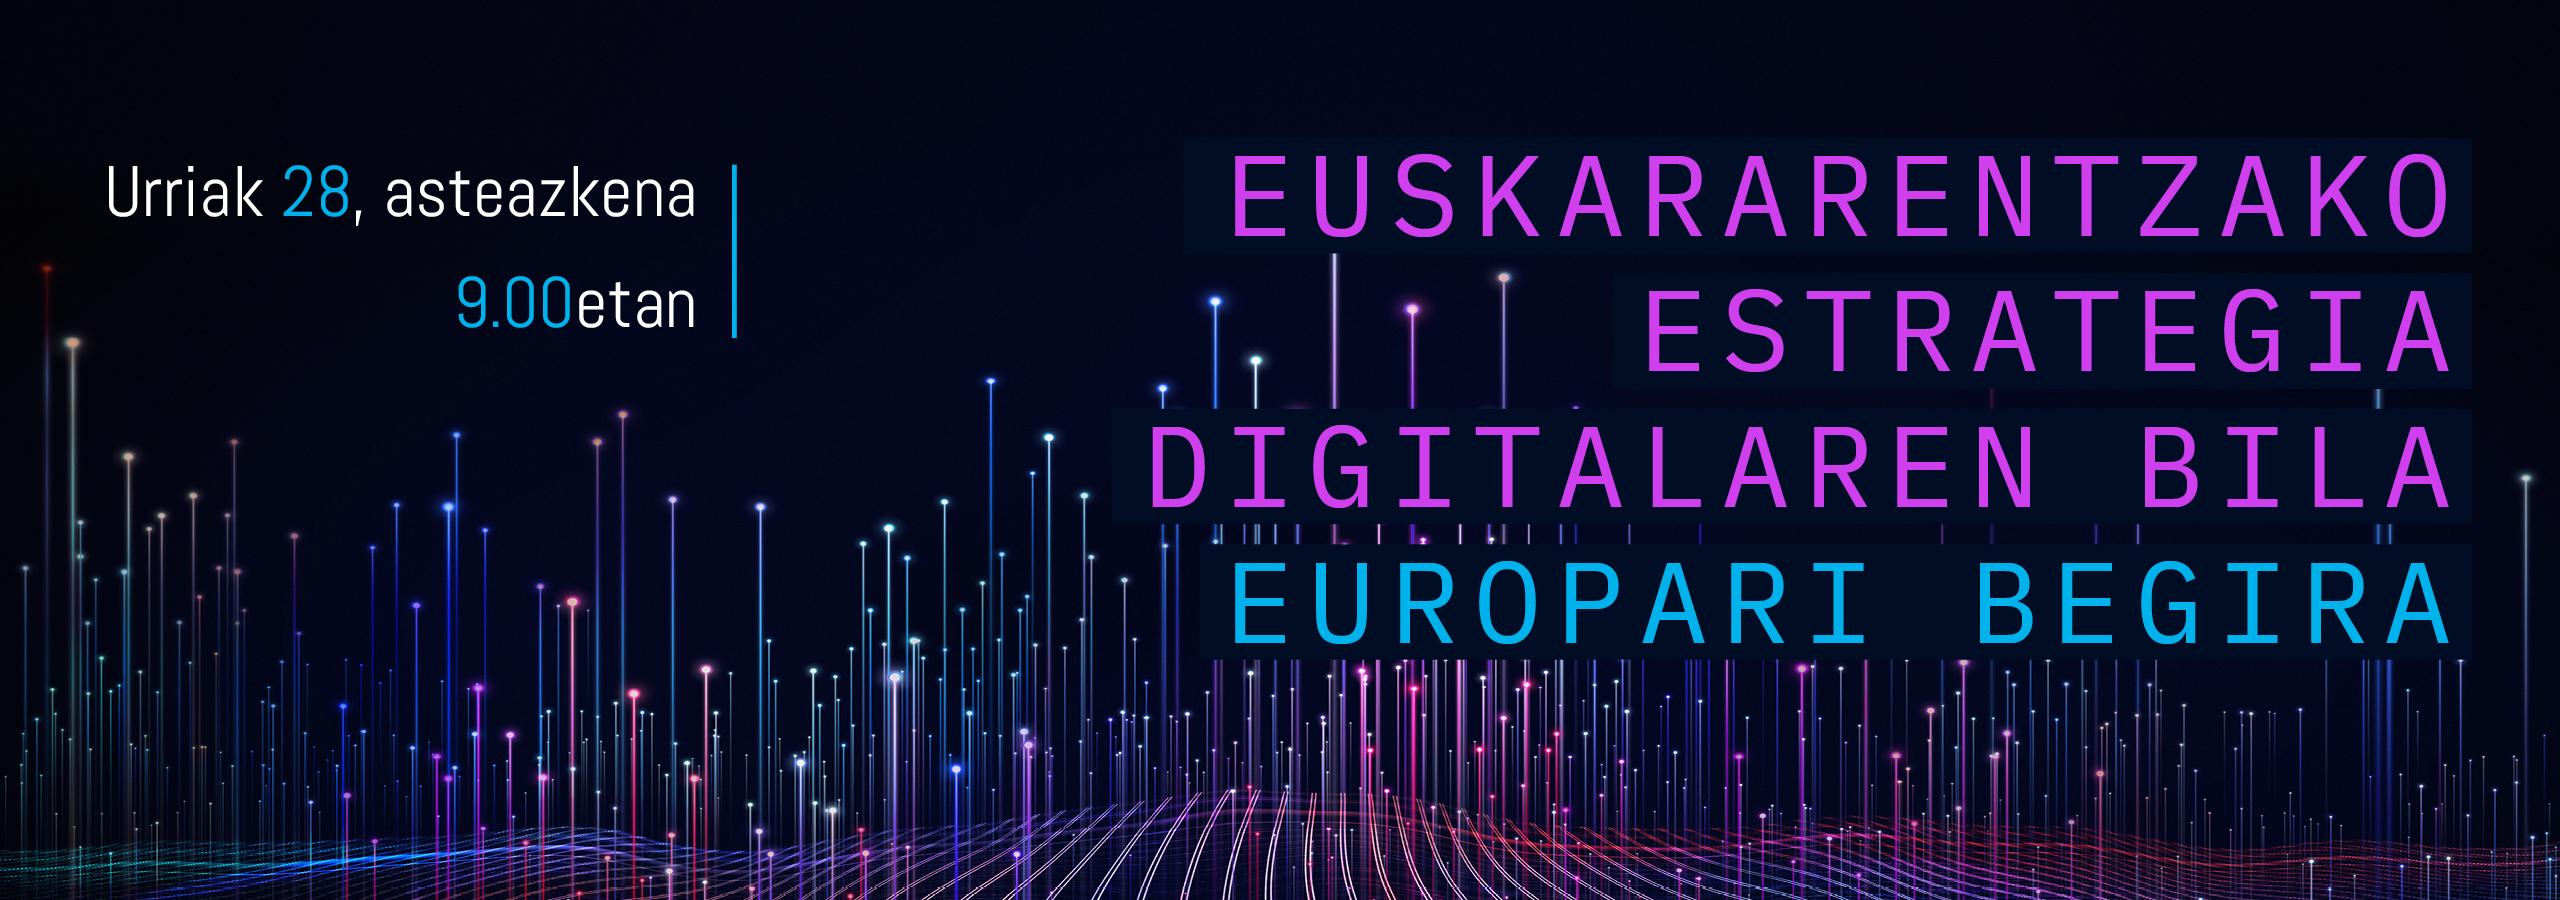 """""""Euskararentzako estrategia digitalaren bila: Europari begira"""" jardunaldia"""